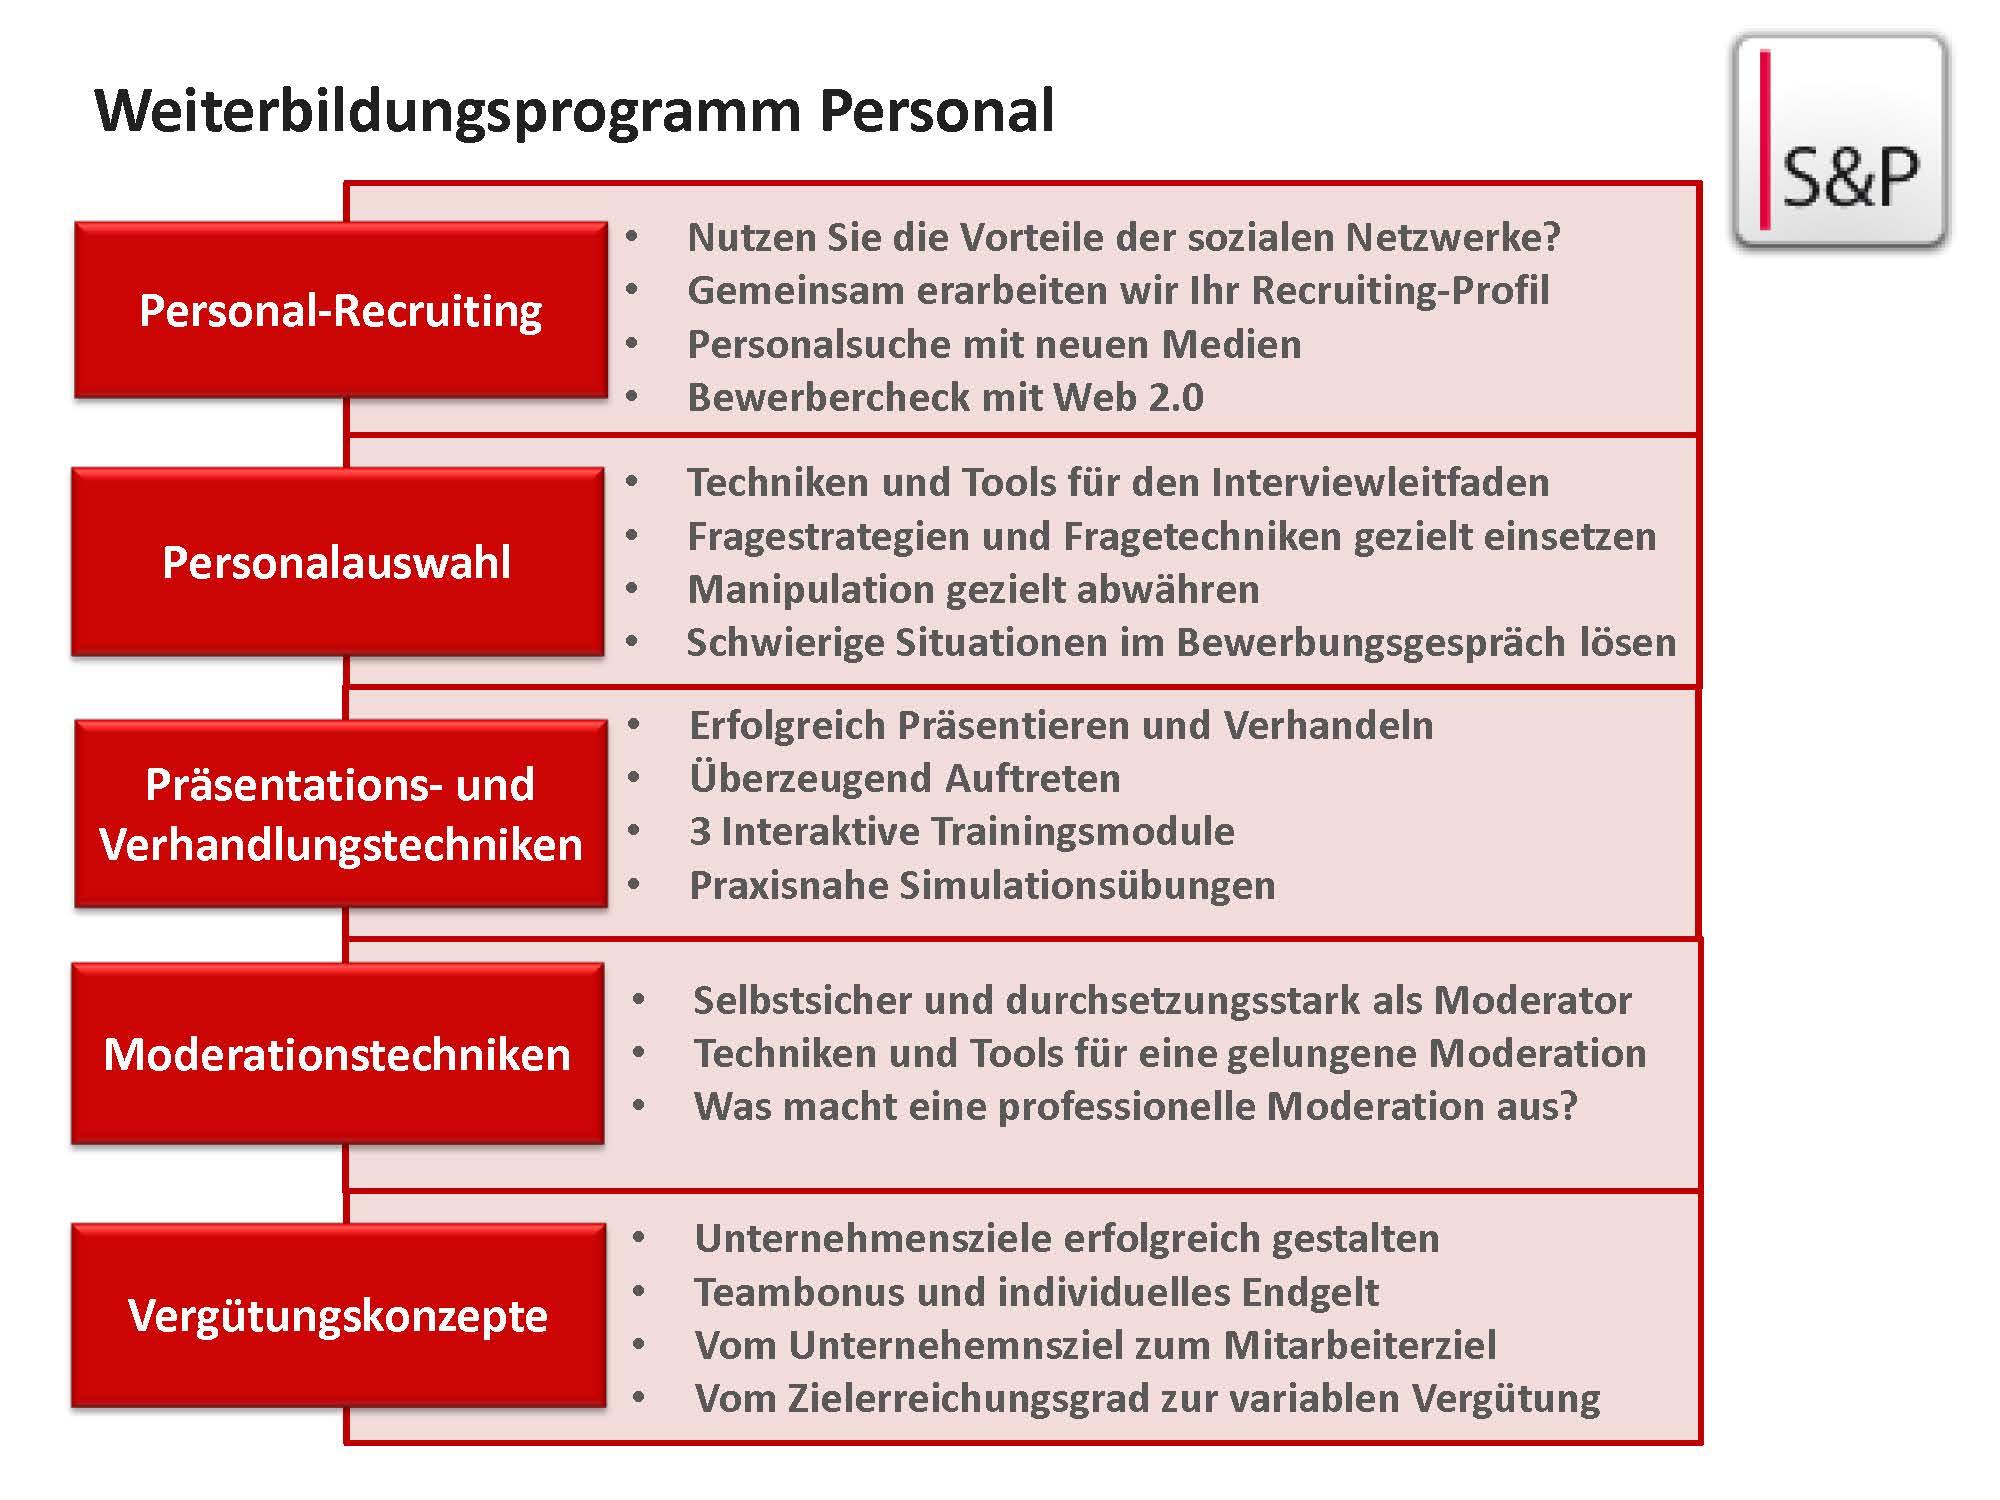 Seminar Personal - S&P Weiterbildungsprogramm